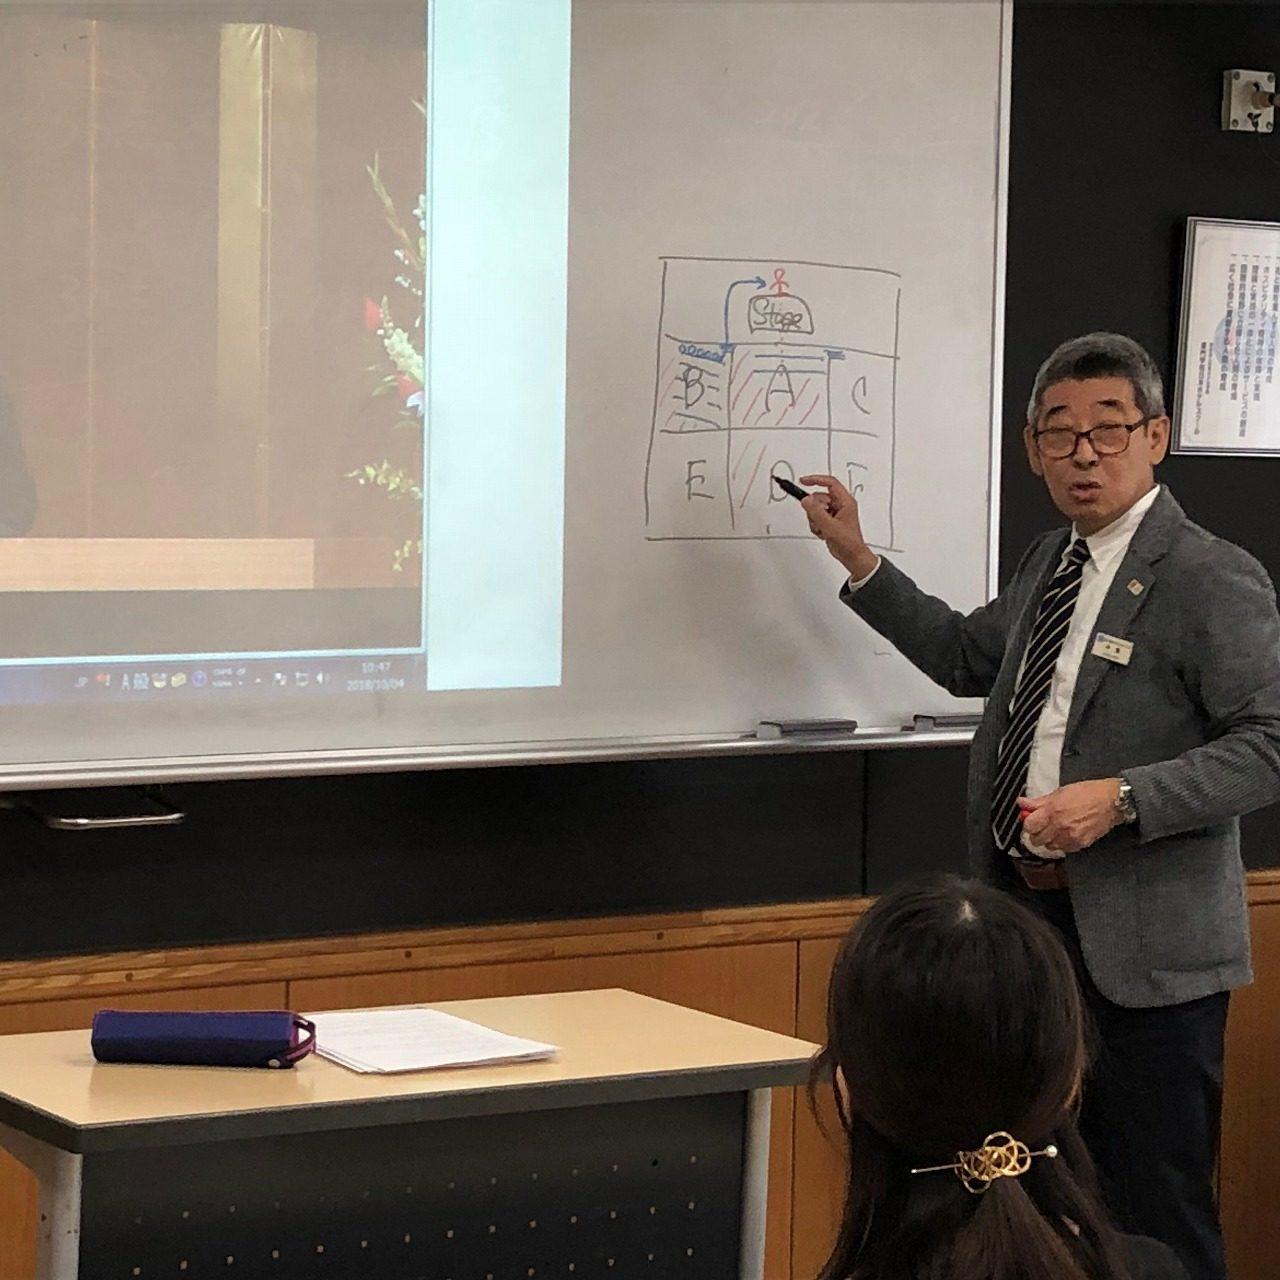 入場などの立ち居振舞いを指導する中島先生